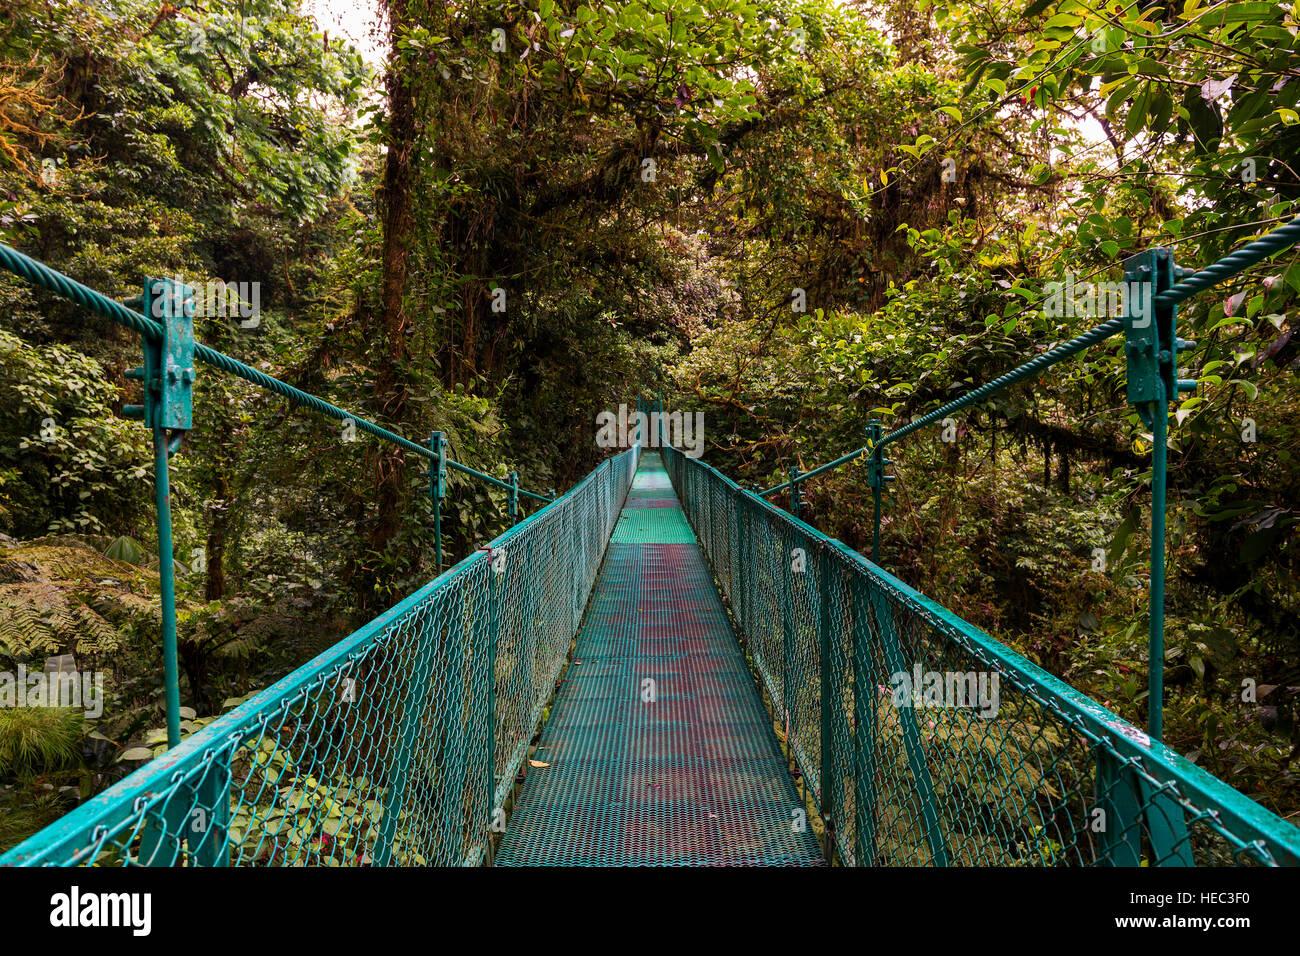 Hängebrücke über den Baumkronen der Bäume in Monteverde, Costa Rica, Mittelamerika Stockbild